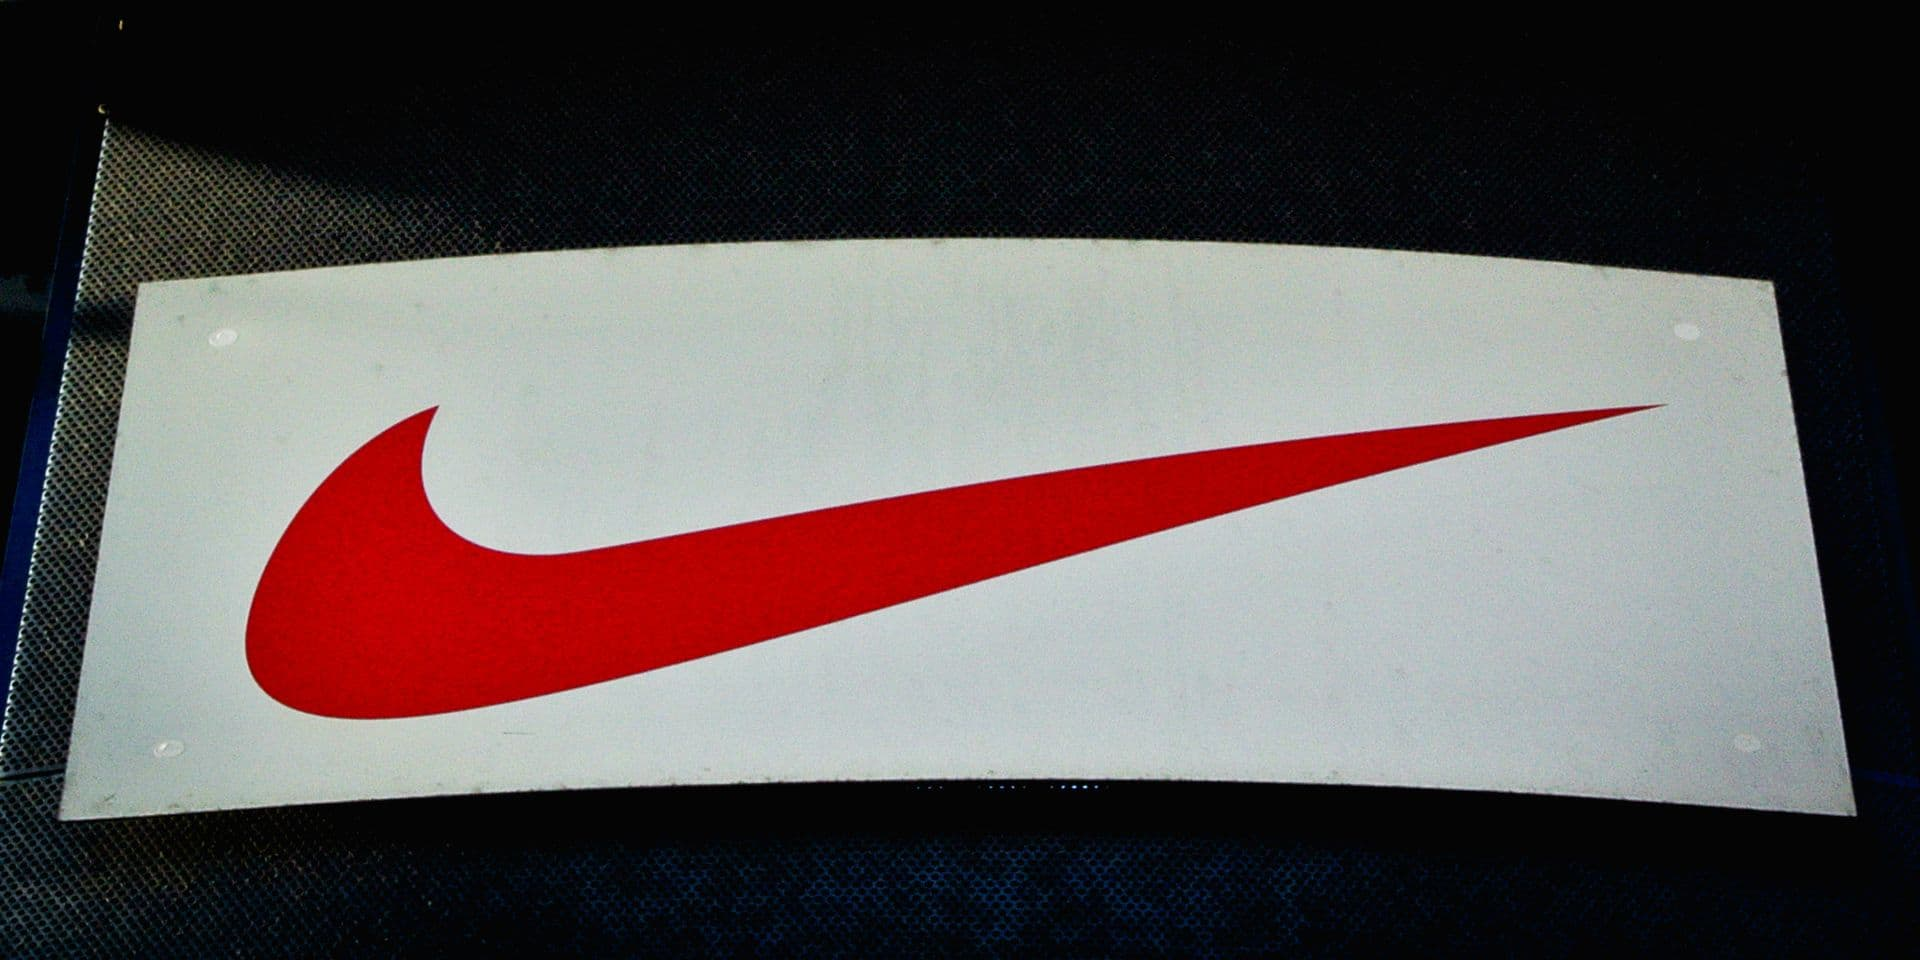 Développement de l'activité en ligne et bons résultats: l'action Nike bondit de 12% en bourse